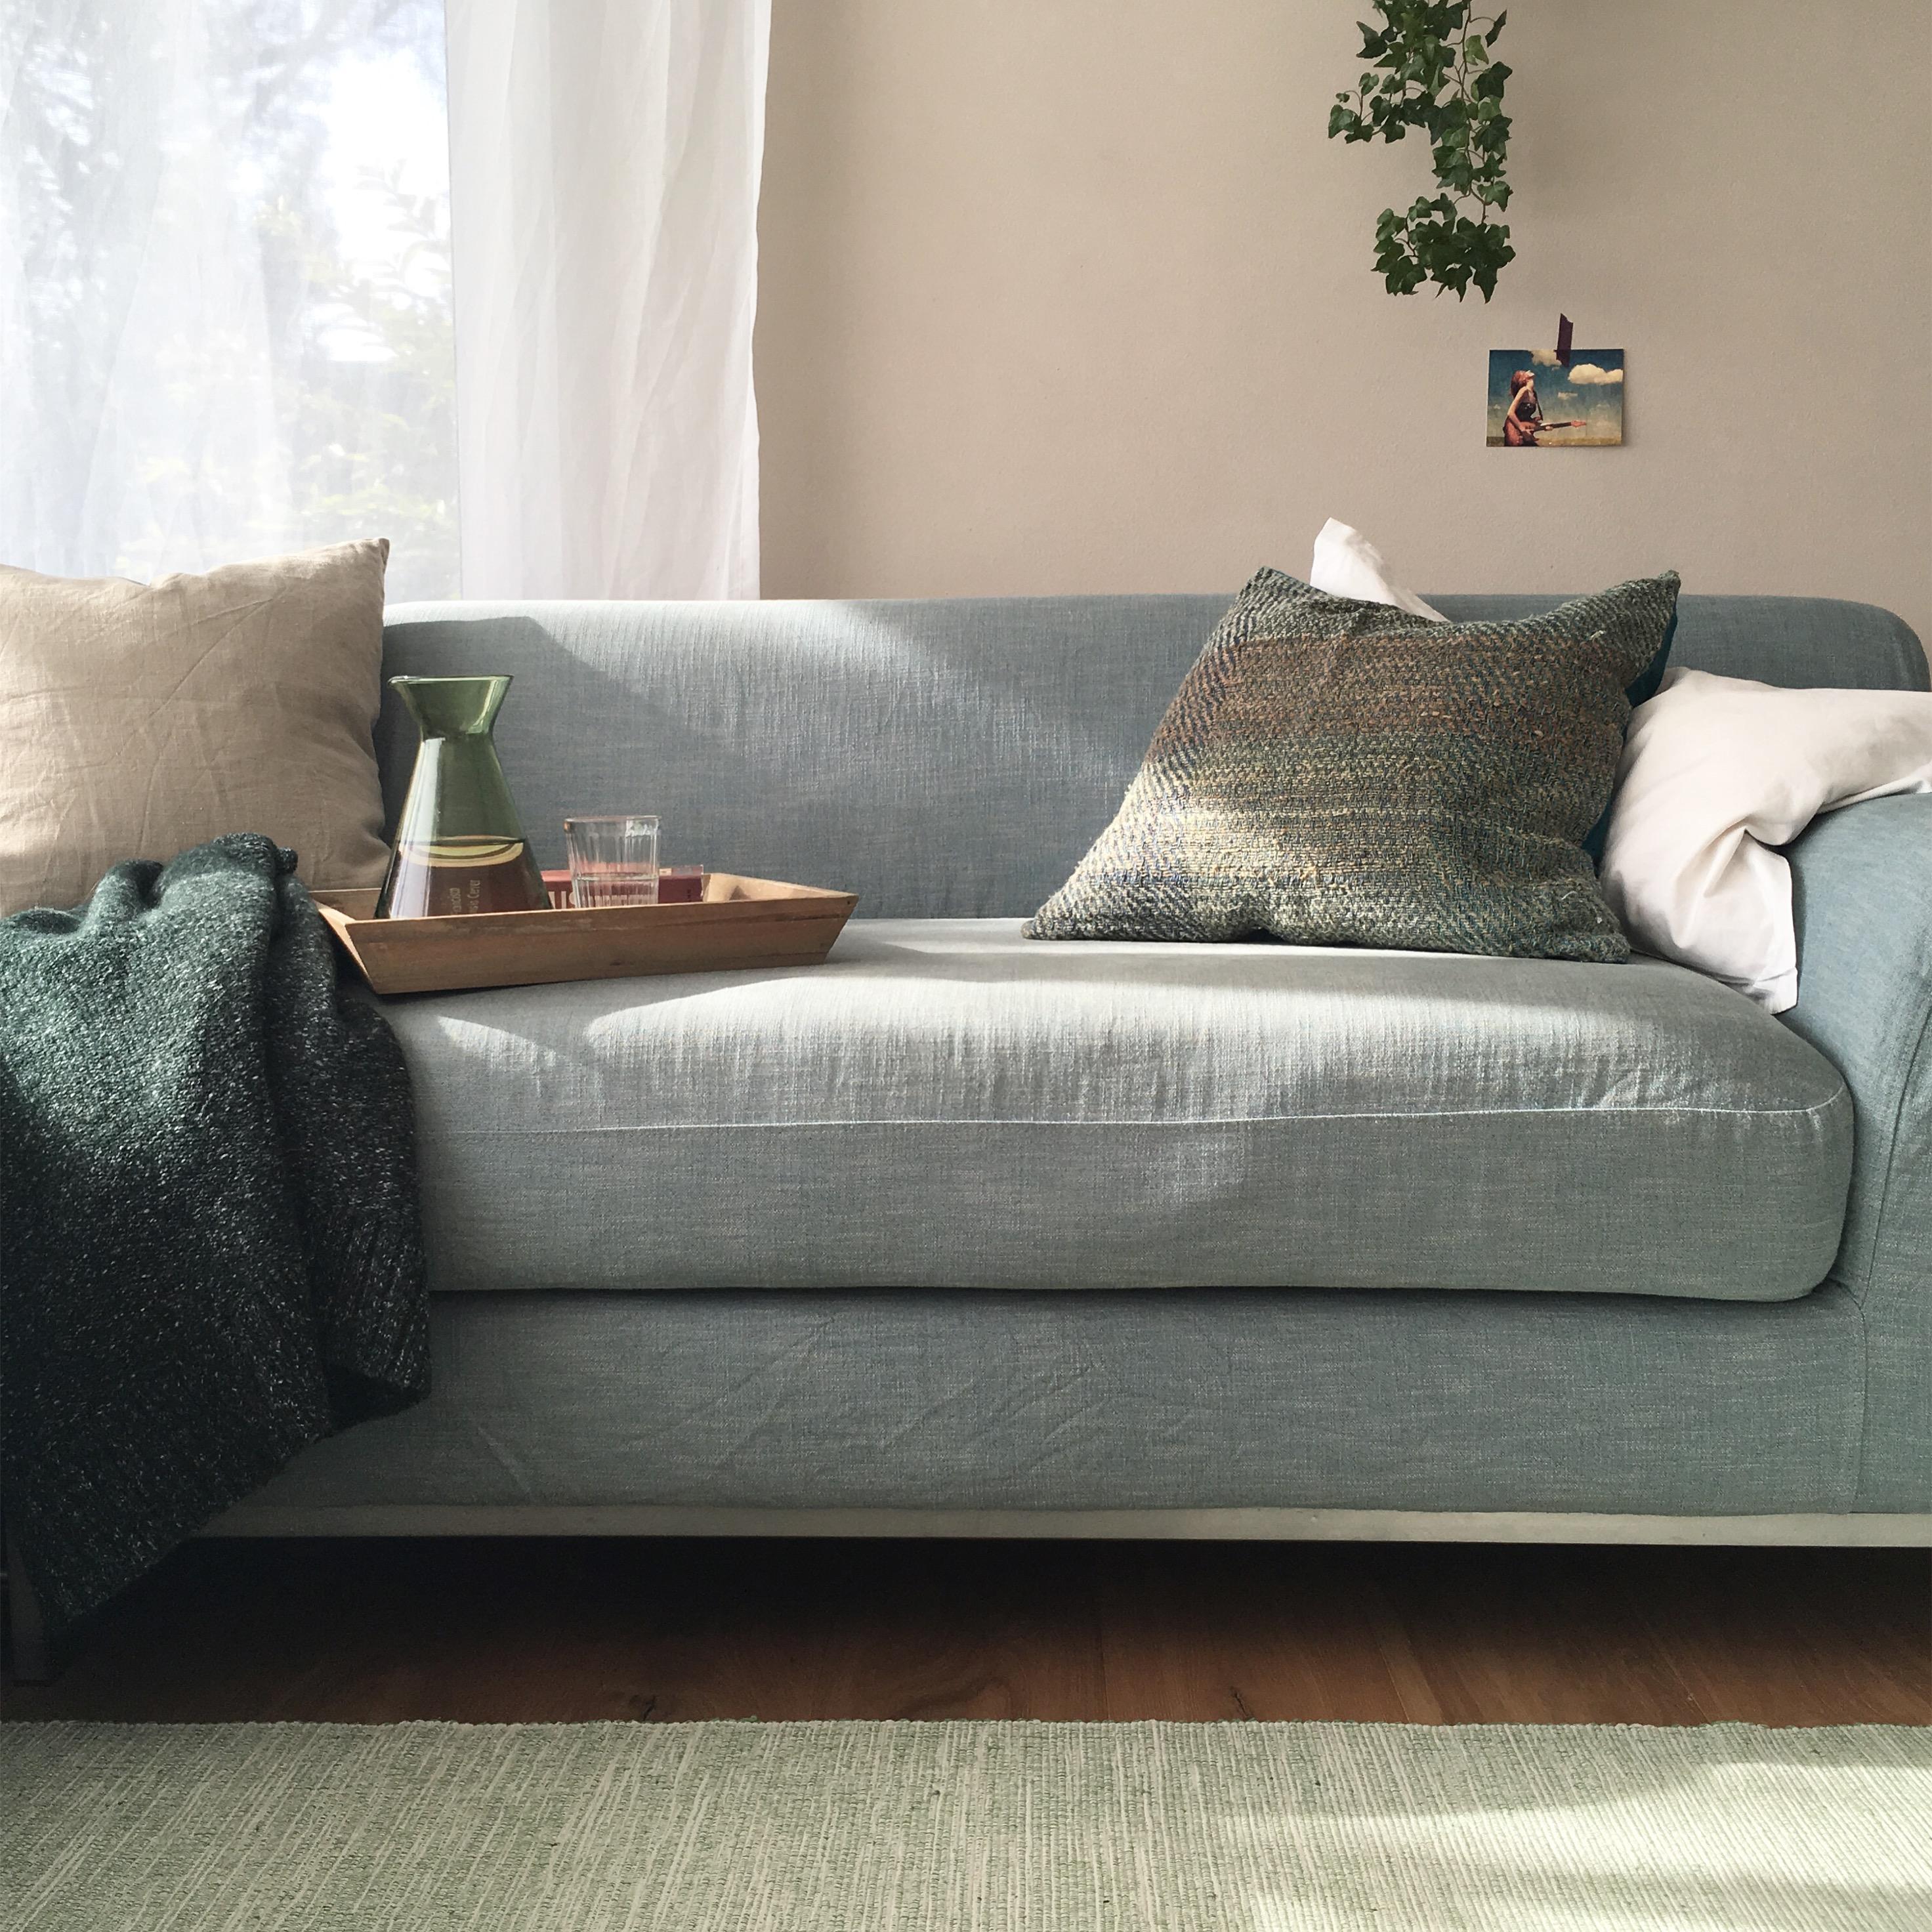 Zeit Für Mich :) #vondirinspiriert #wohnzimmer #sofa #grün #herbstfarben